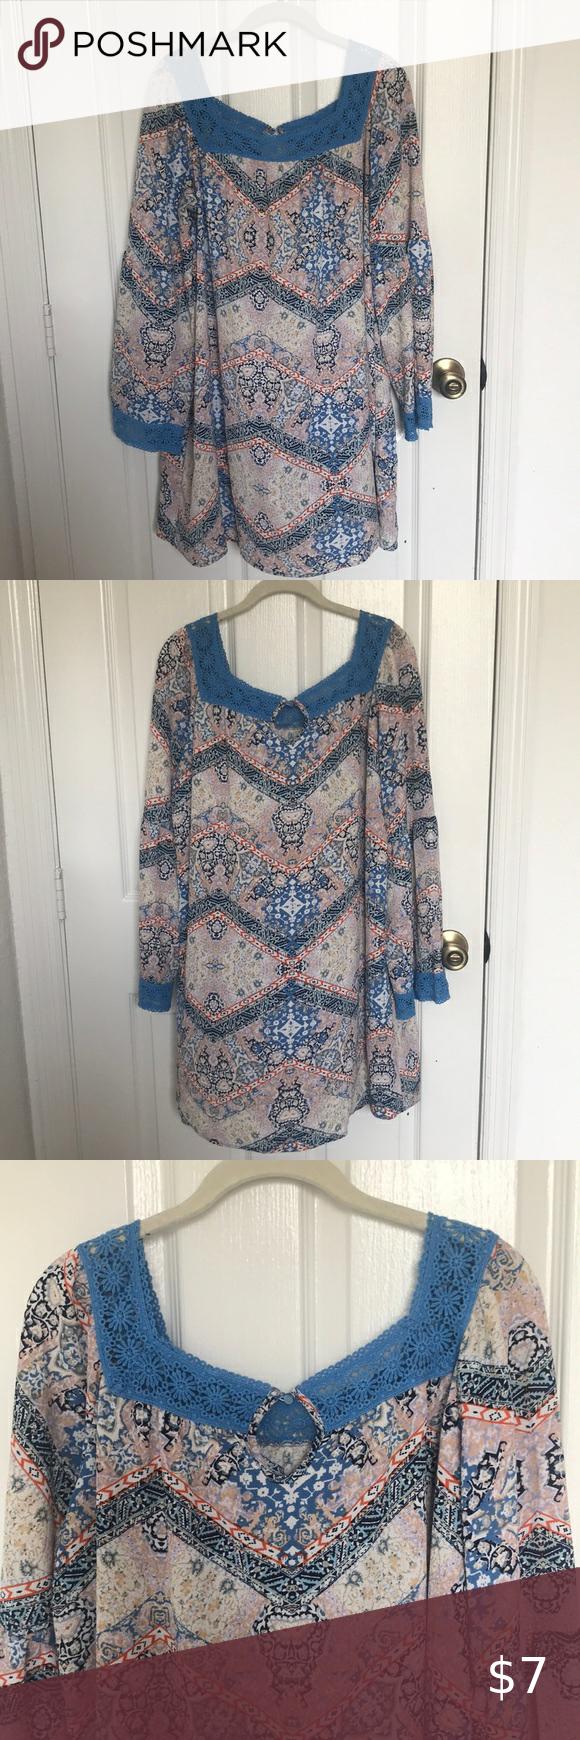 Xhilaration Target Southwestern Long Sleeve Dress Clothes Design Long Sleeve Dress Dresses [ 1740 x 580 Pixel ]